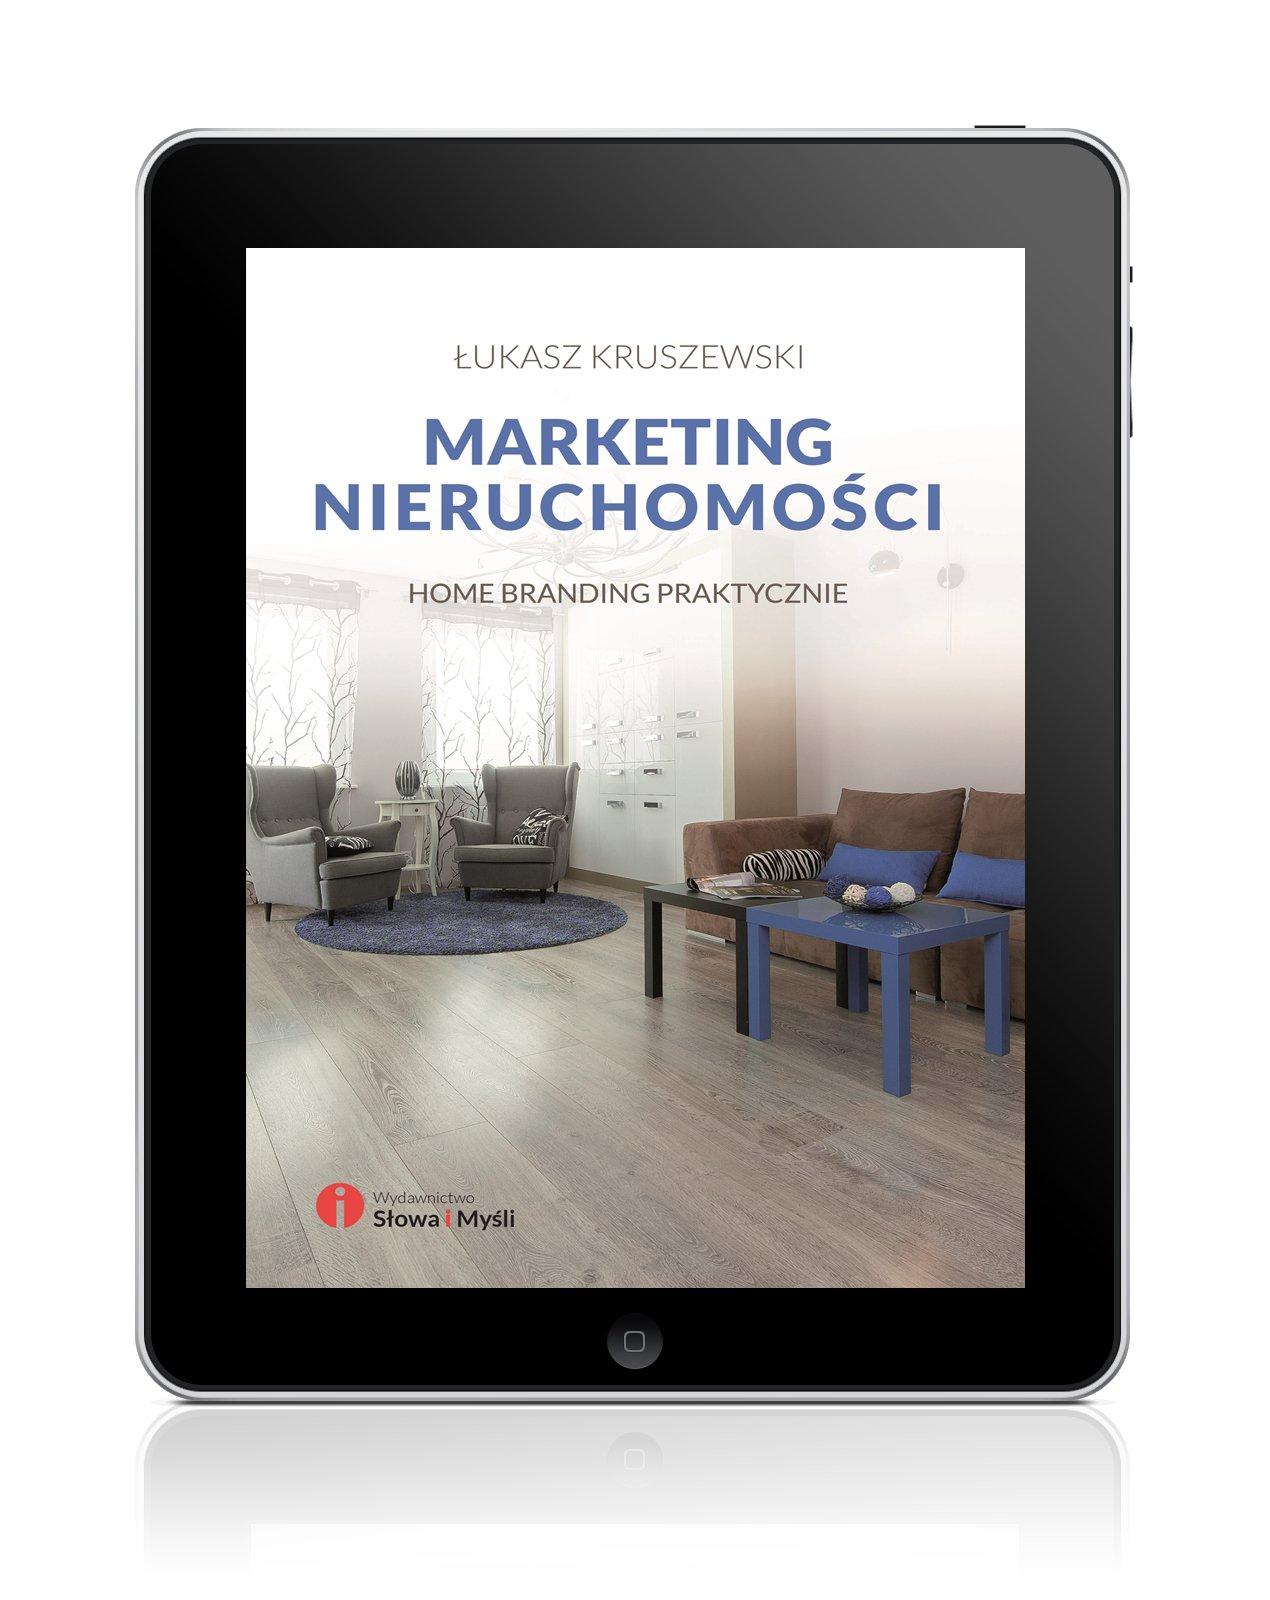 Marketing nieruchomości. Home branding praktycznie - Ebook (Książka EPUB) do pobrania w formacie EPUB